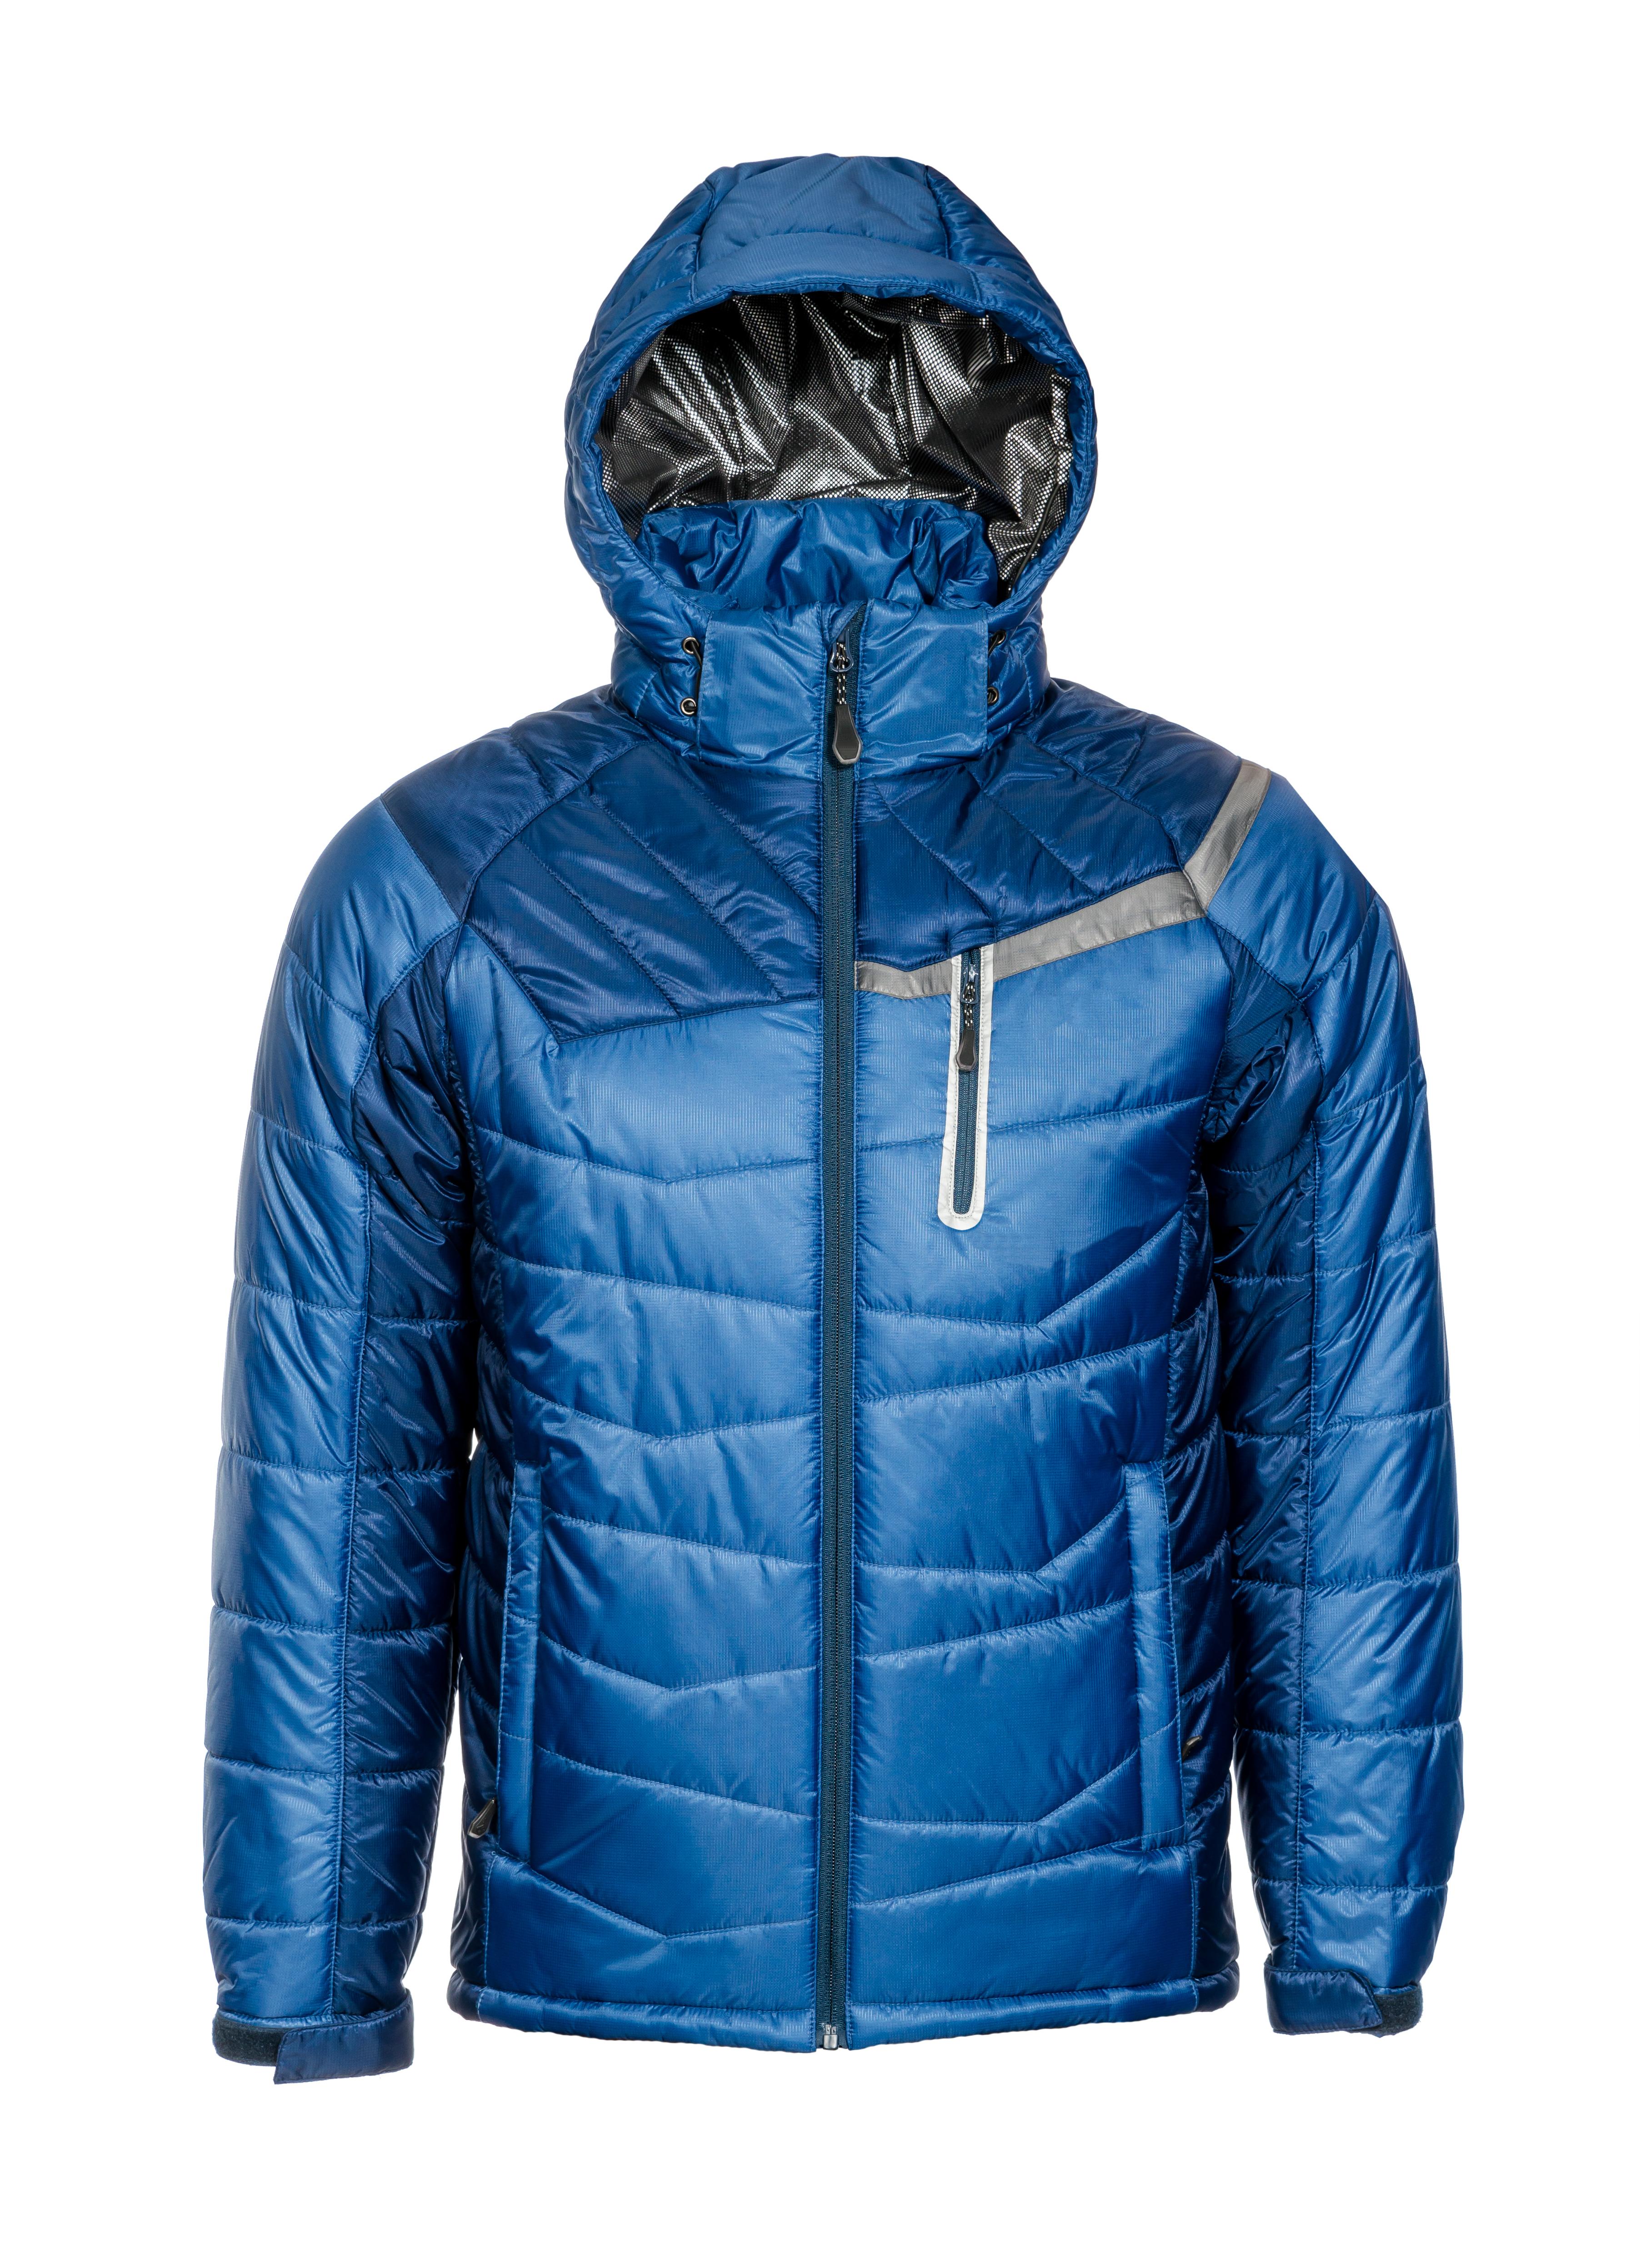 Custom made jackets (8)